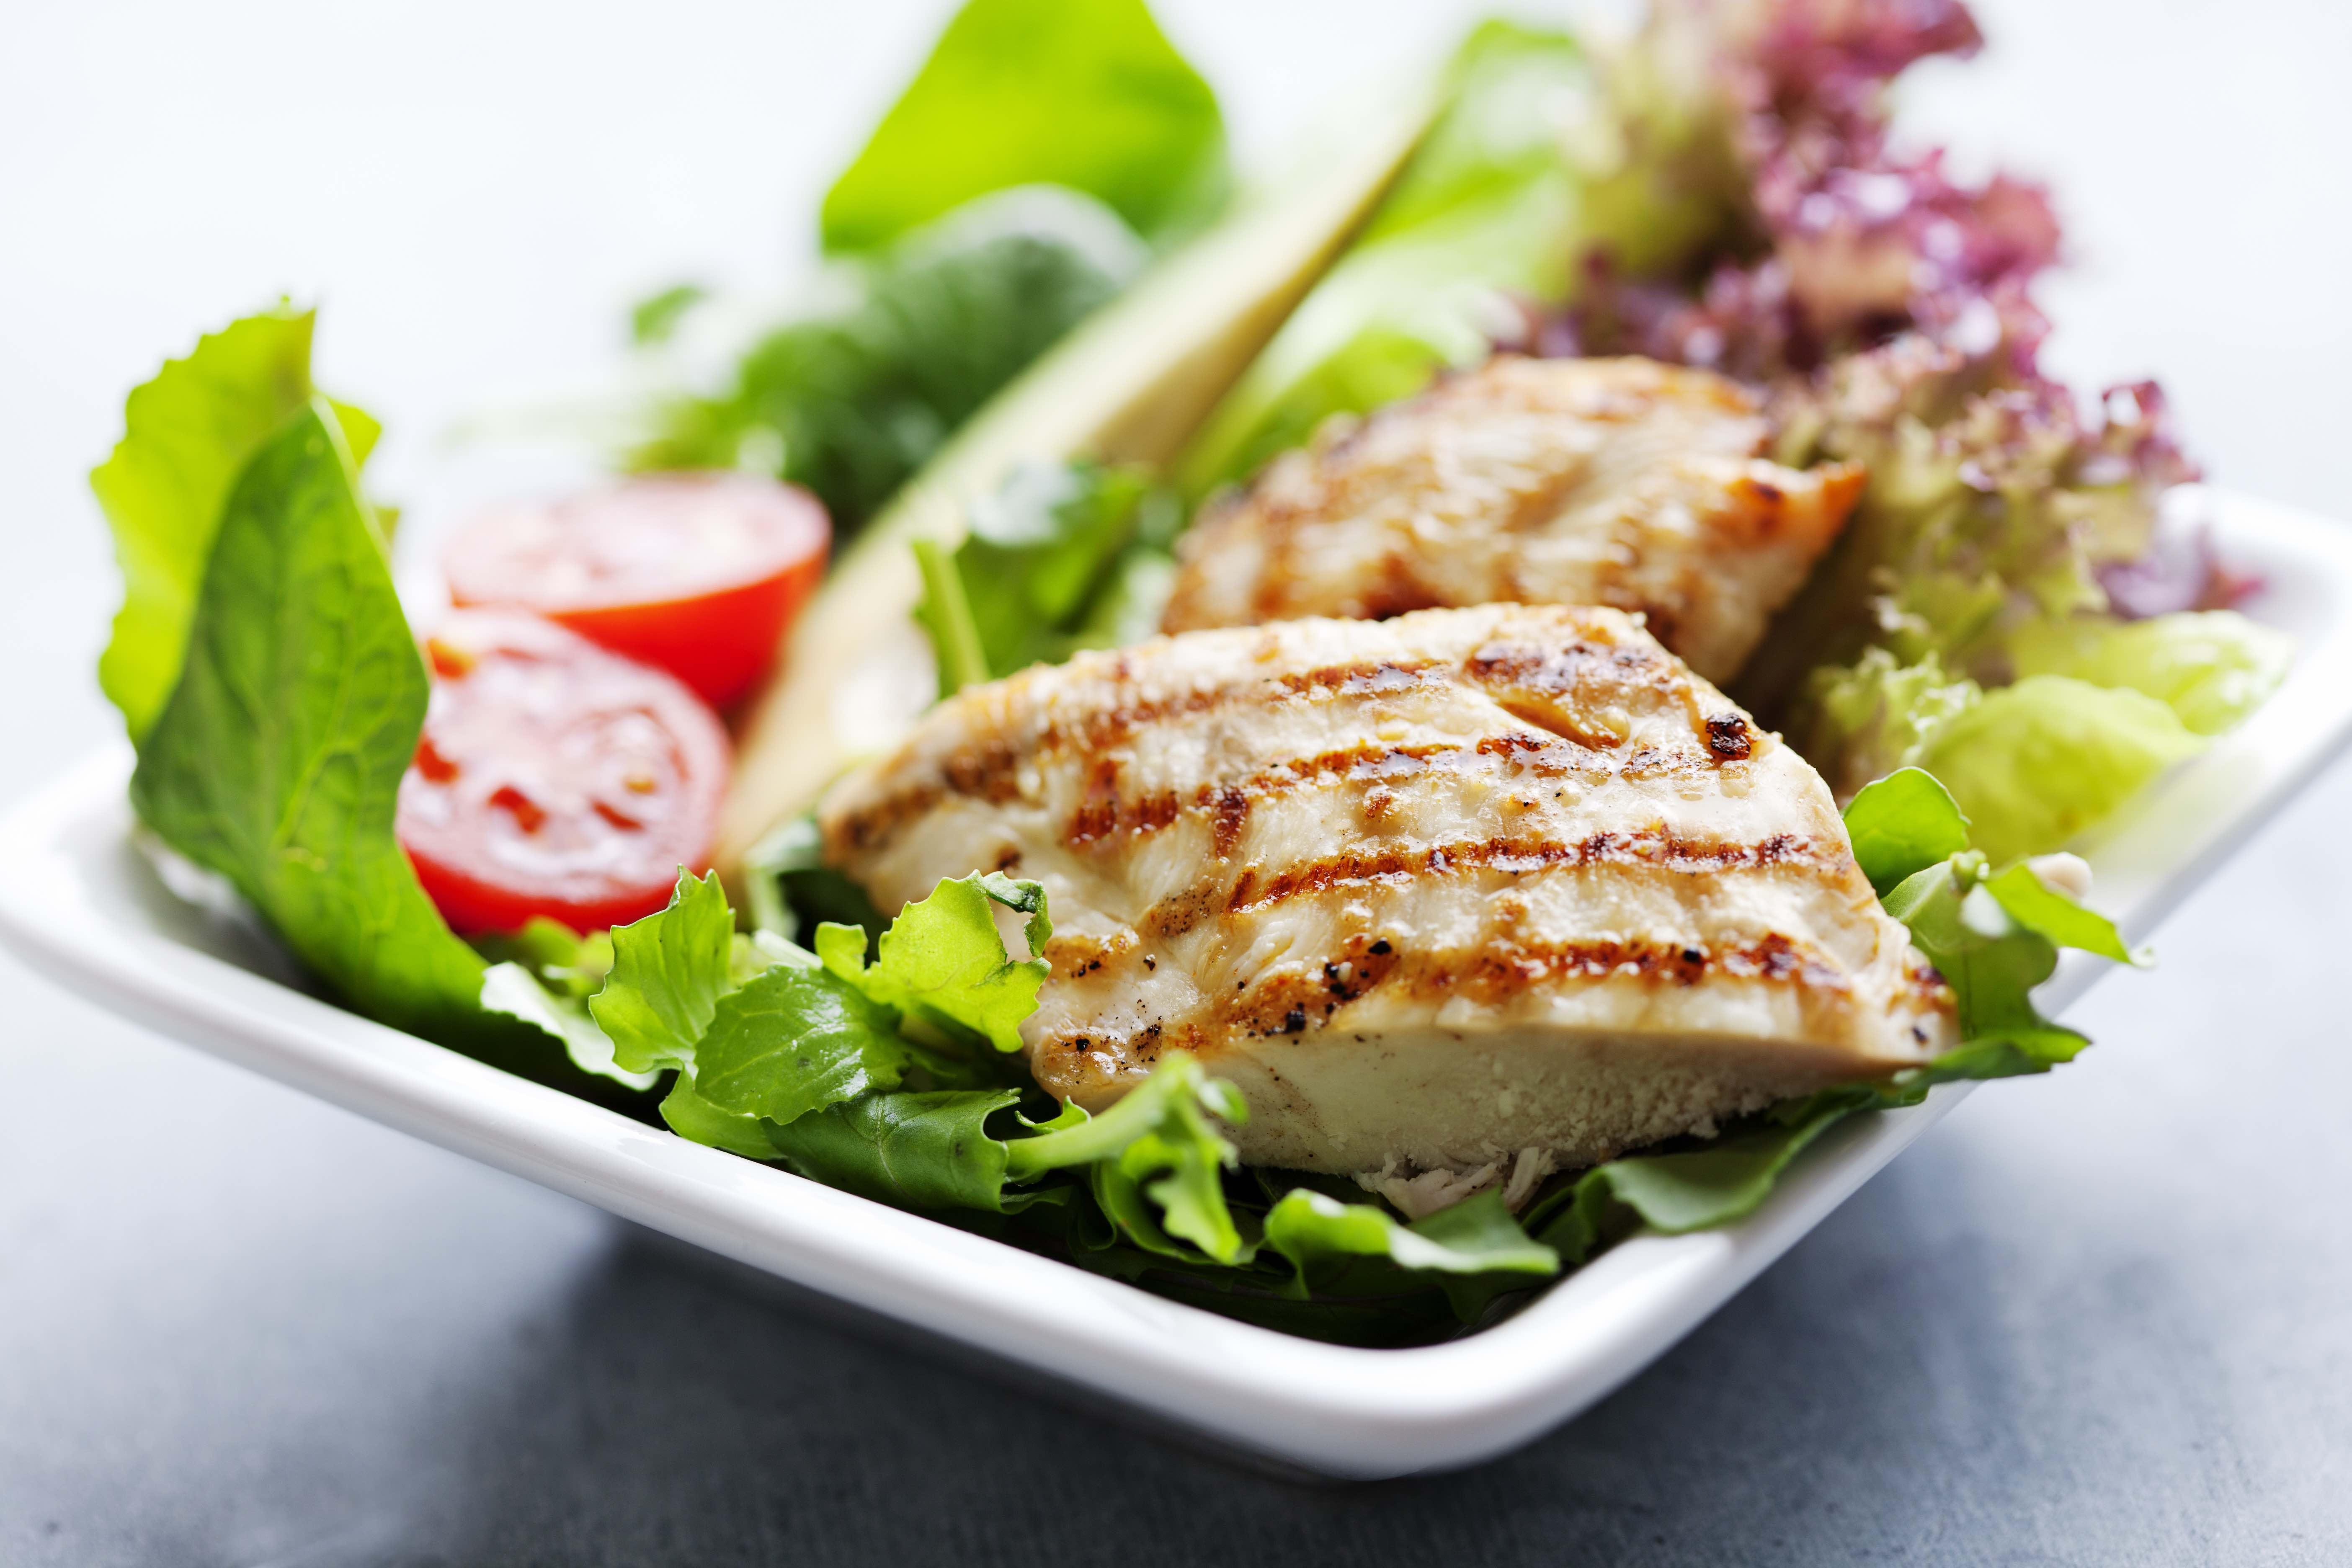 Carbohidrați, proteine și o sumedenie de micronutrienți valoroși